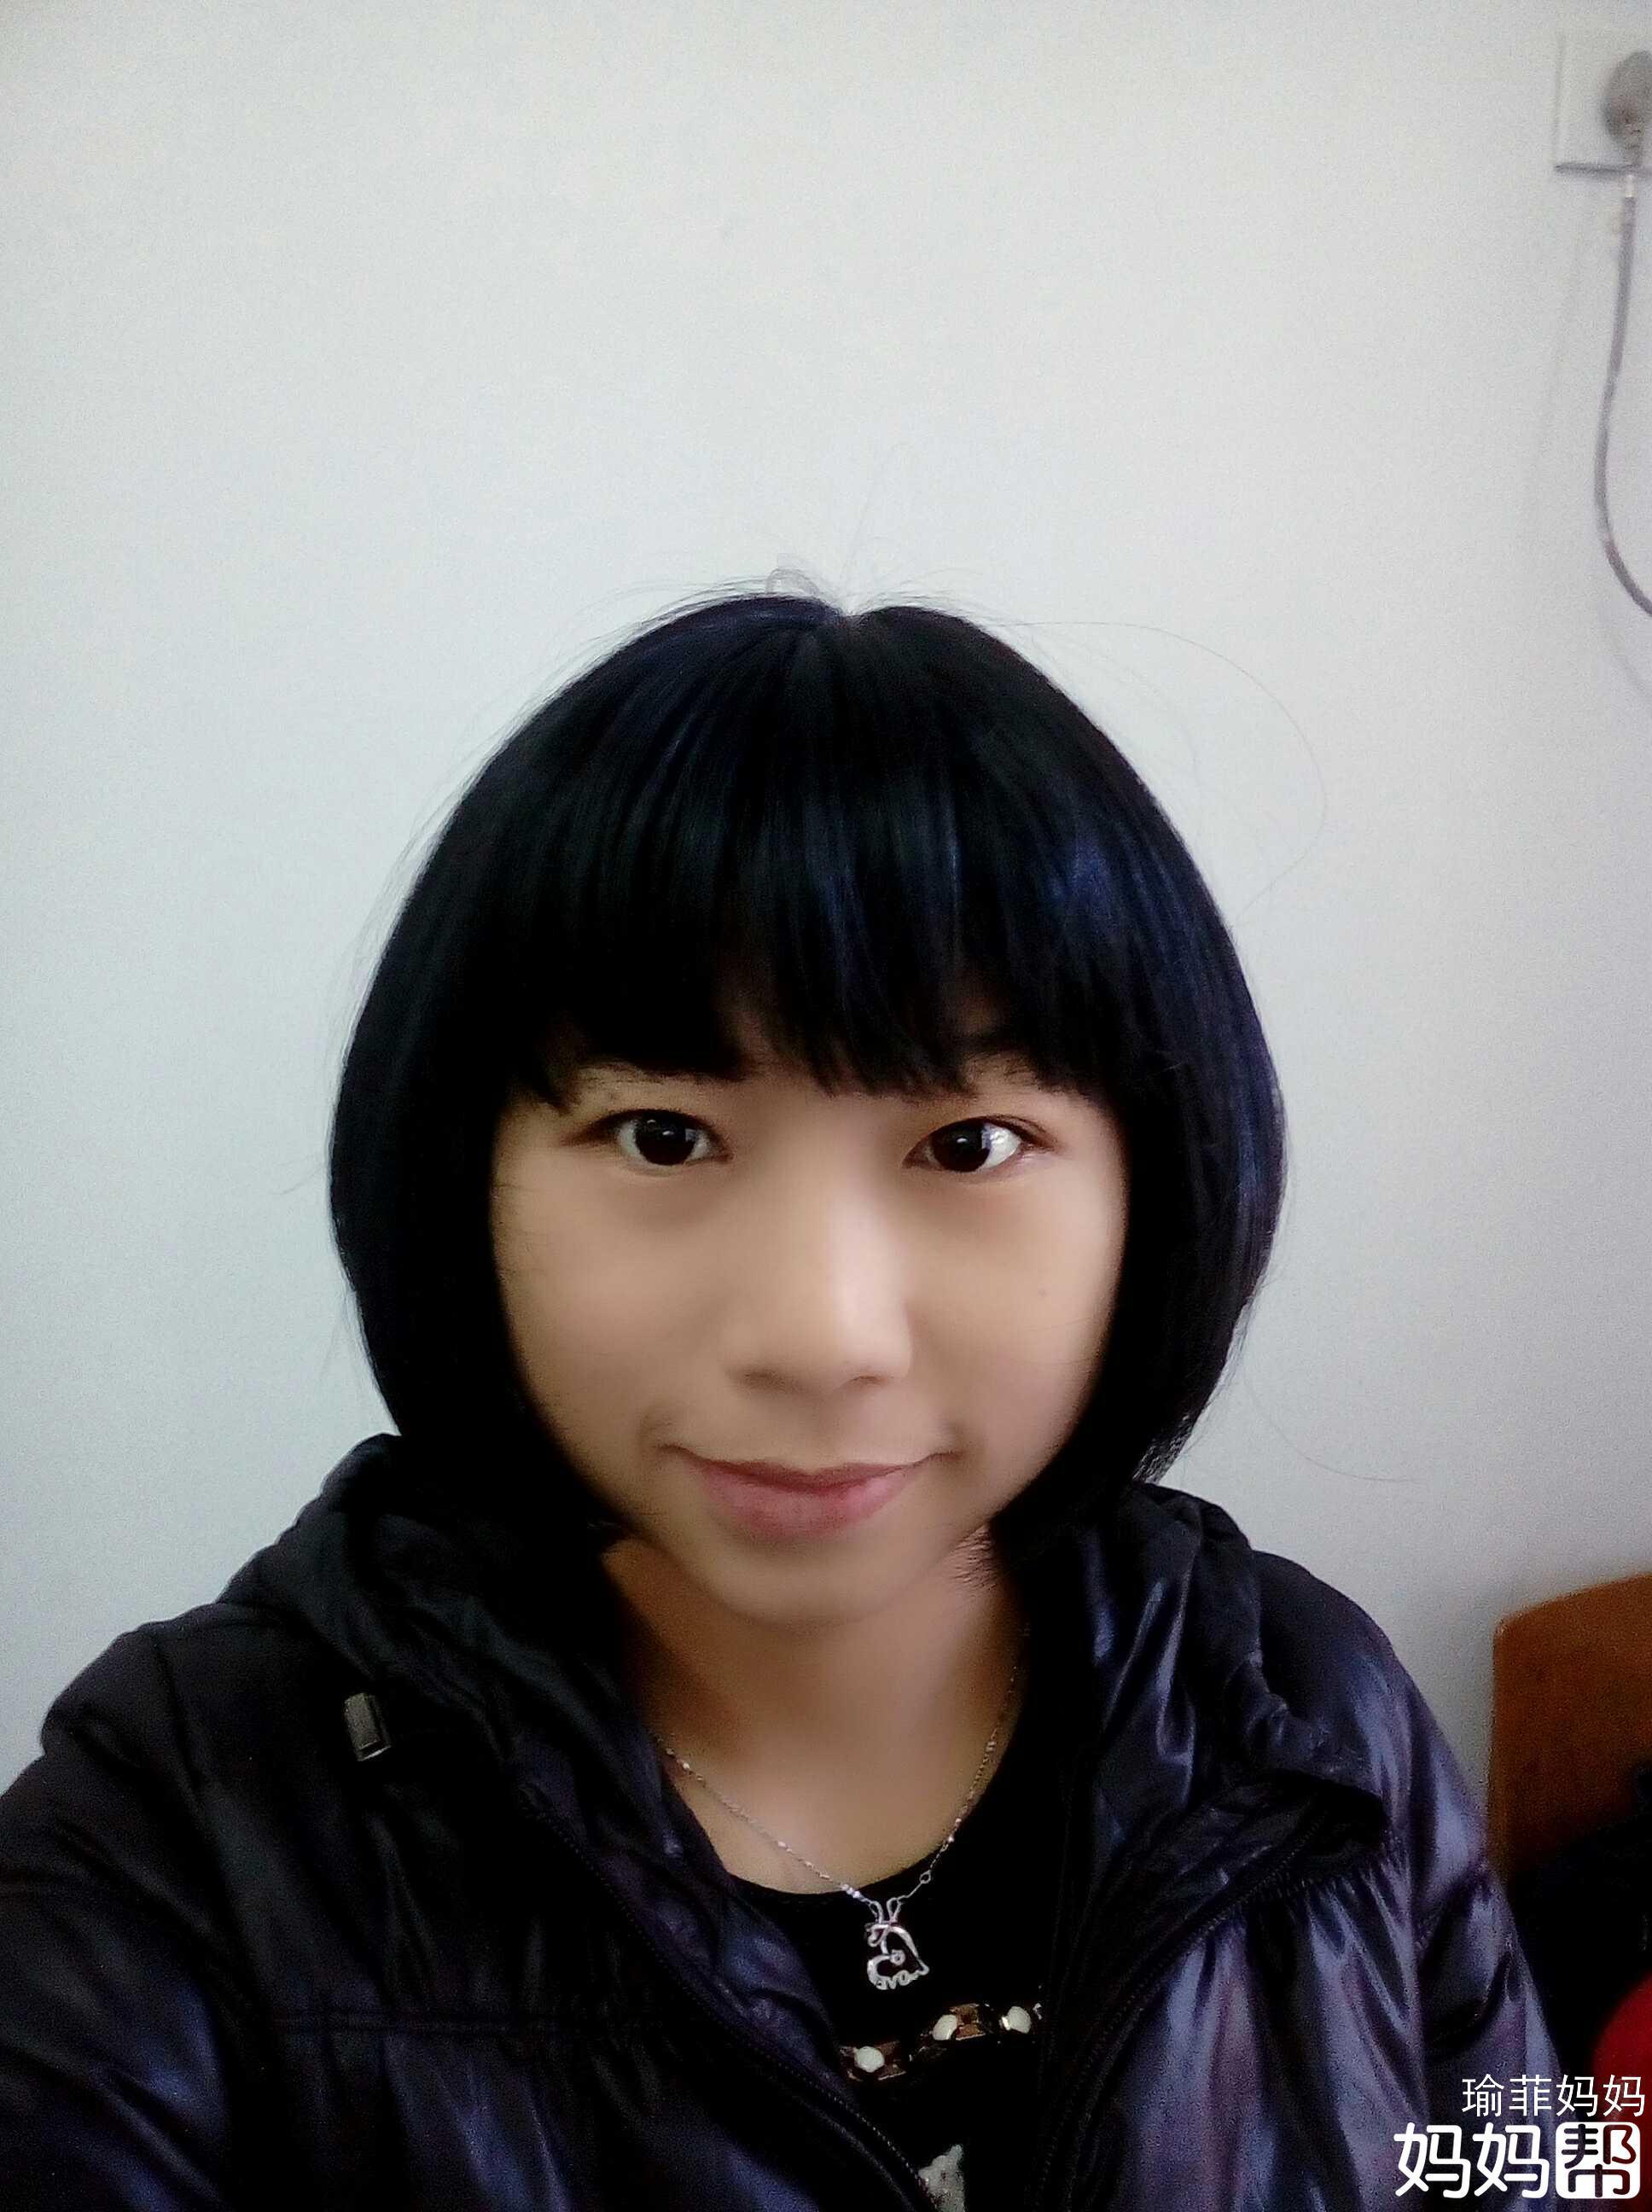 理发师说现在流行不规则的刘海